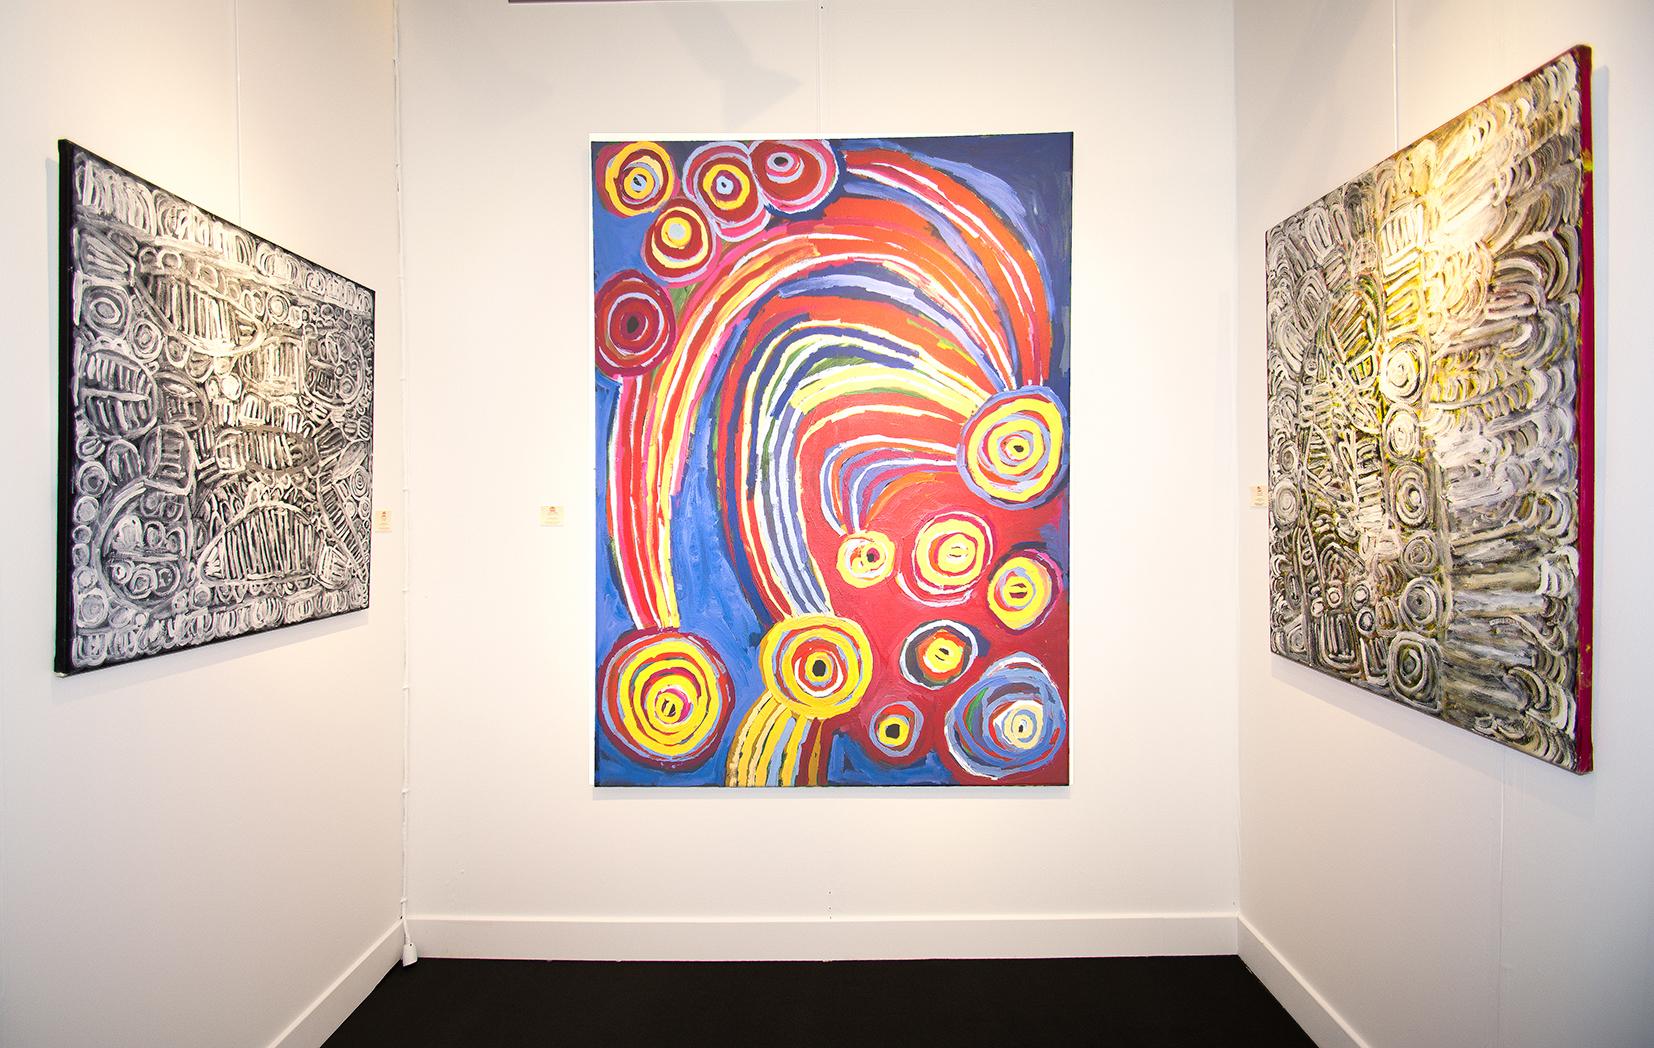 De gauche à droite : l'artiste Aborigène Sonia Kurarra en noir et blanc. L'artiste Barbara Moore au centre. Certaines de ces œuvres furent prêtées au Musée d'art Aborigène d'Utrecht dans le cadre d'une exposition sur le mouvement COBRA et l'art Aborigène d'Australie.